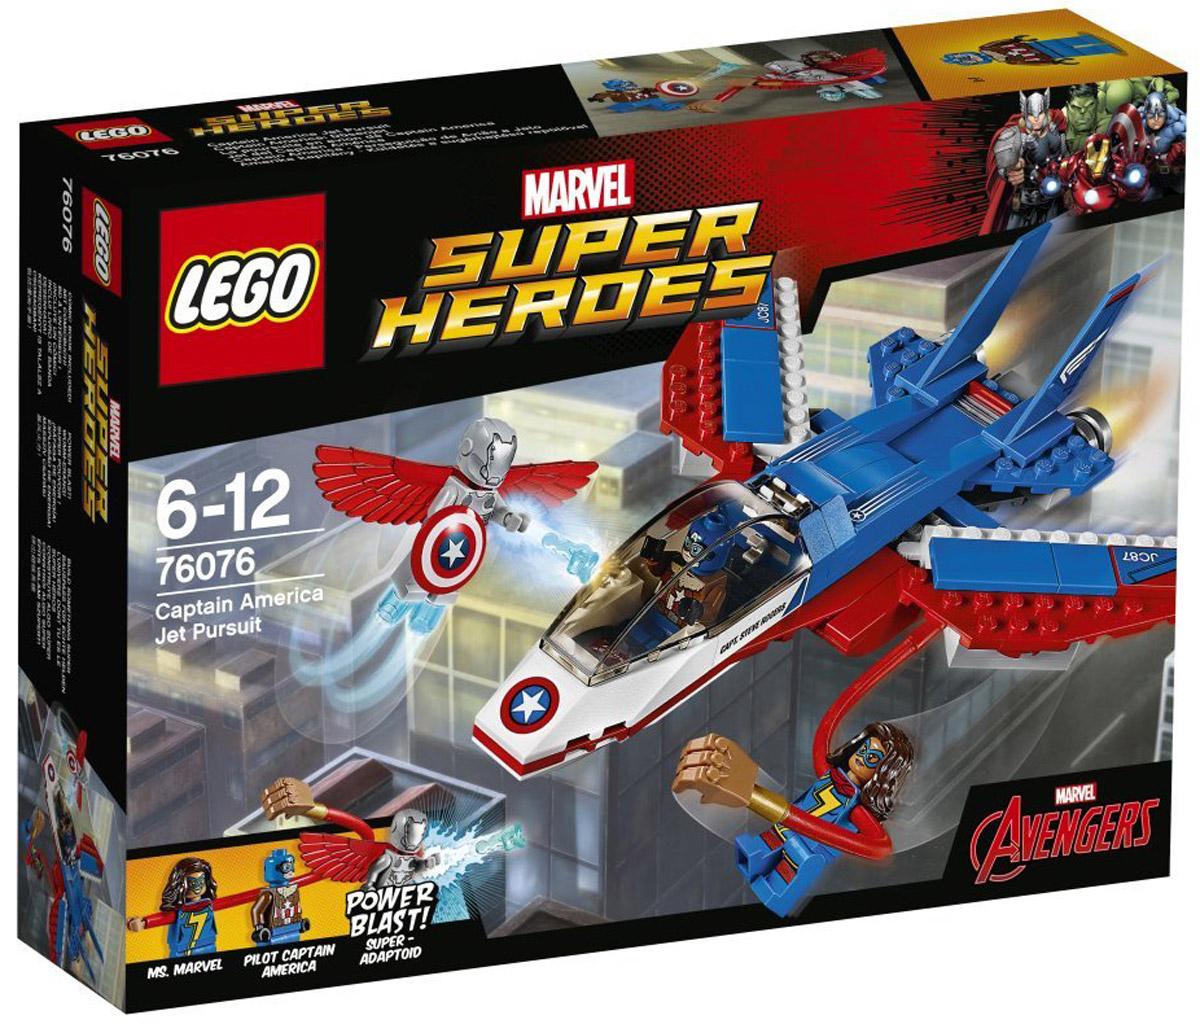 LEGO Super Heroes Конструктор Воздушная погоня Капитана Америка 7607676076Суперадаптоид украл щит Капитана Америка и пытается сбежать! Отправляйтесь в погоню на летательном аппарате Капитана Америка! Хватайте беглеца телескопическими супер-руками Мисс Марвел. Стреляйте в злодея-андроида из дисковых метателей, и помните о том, что он может сразить вас Энергетическим потоком! Набор включает в себя 160 разноцветных пластиковых элементов. Конструктор станет замечательным сюрпризом вашему ребенку, который будет способствовать развитию мелкой моторики рук, внимательности, усидчивости и мышления. Играя с конструктором, ребенок научится собирать детали по образцу, проводить время с пользой и удовольствием.